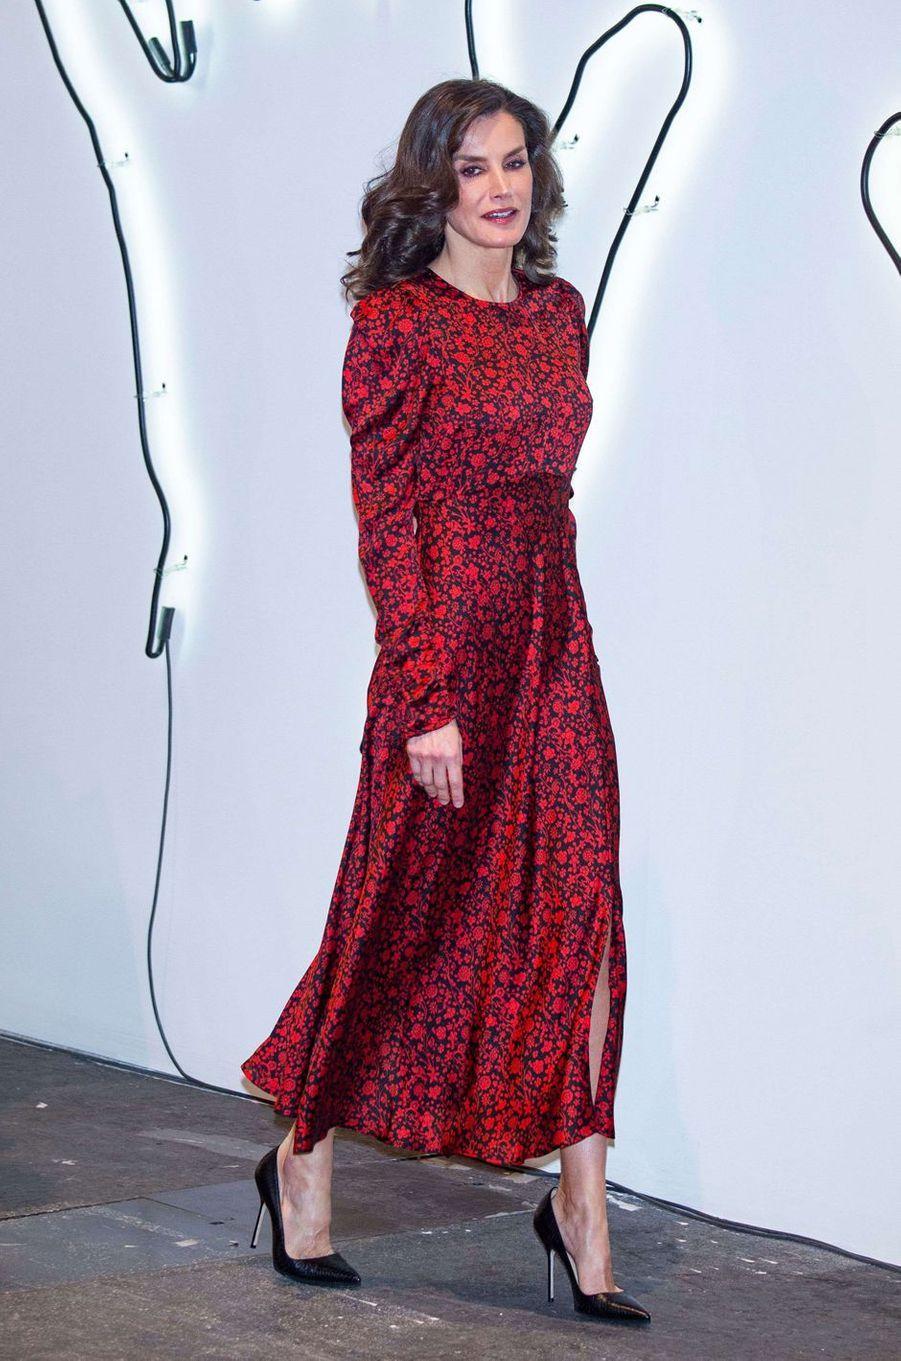 La reine Letizia d'Espagne, dans une robe Maje, à Madrid le 27 février 2020